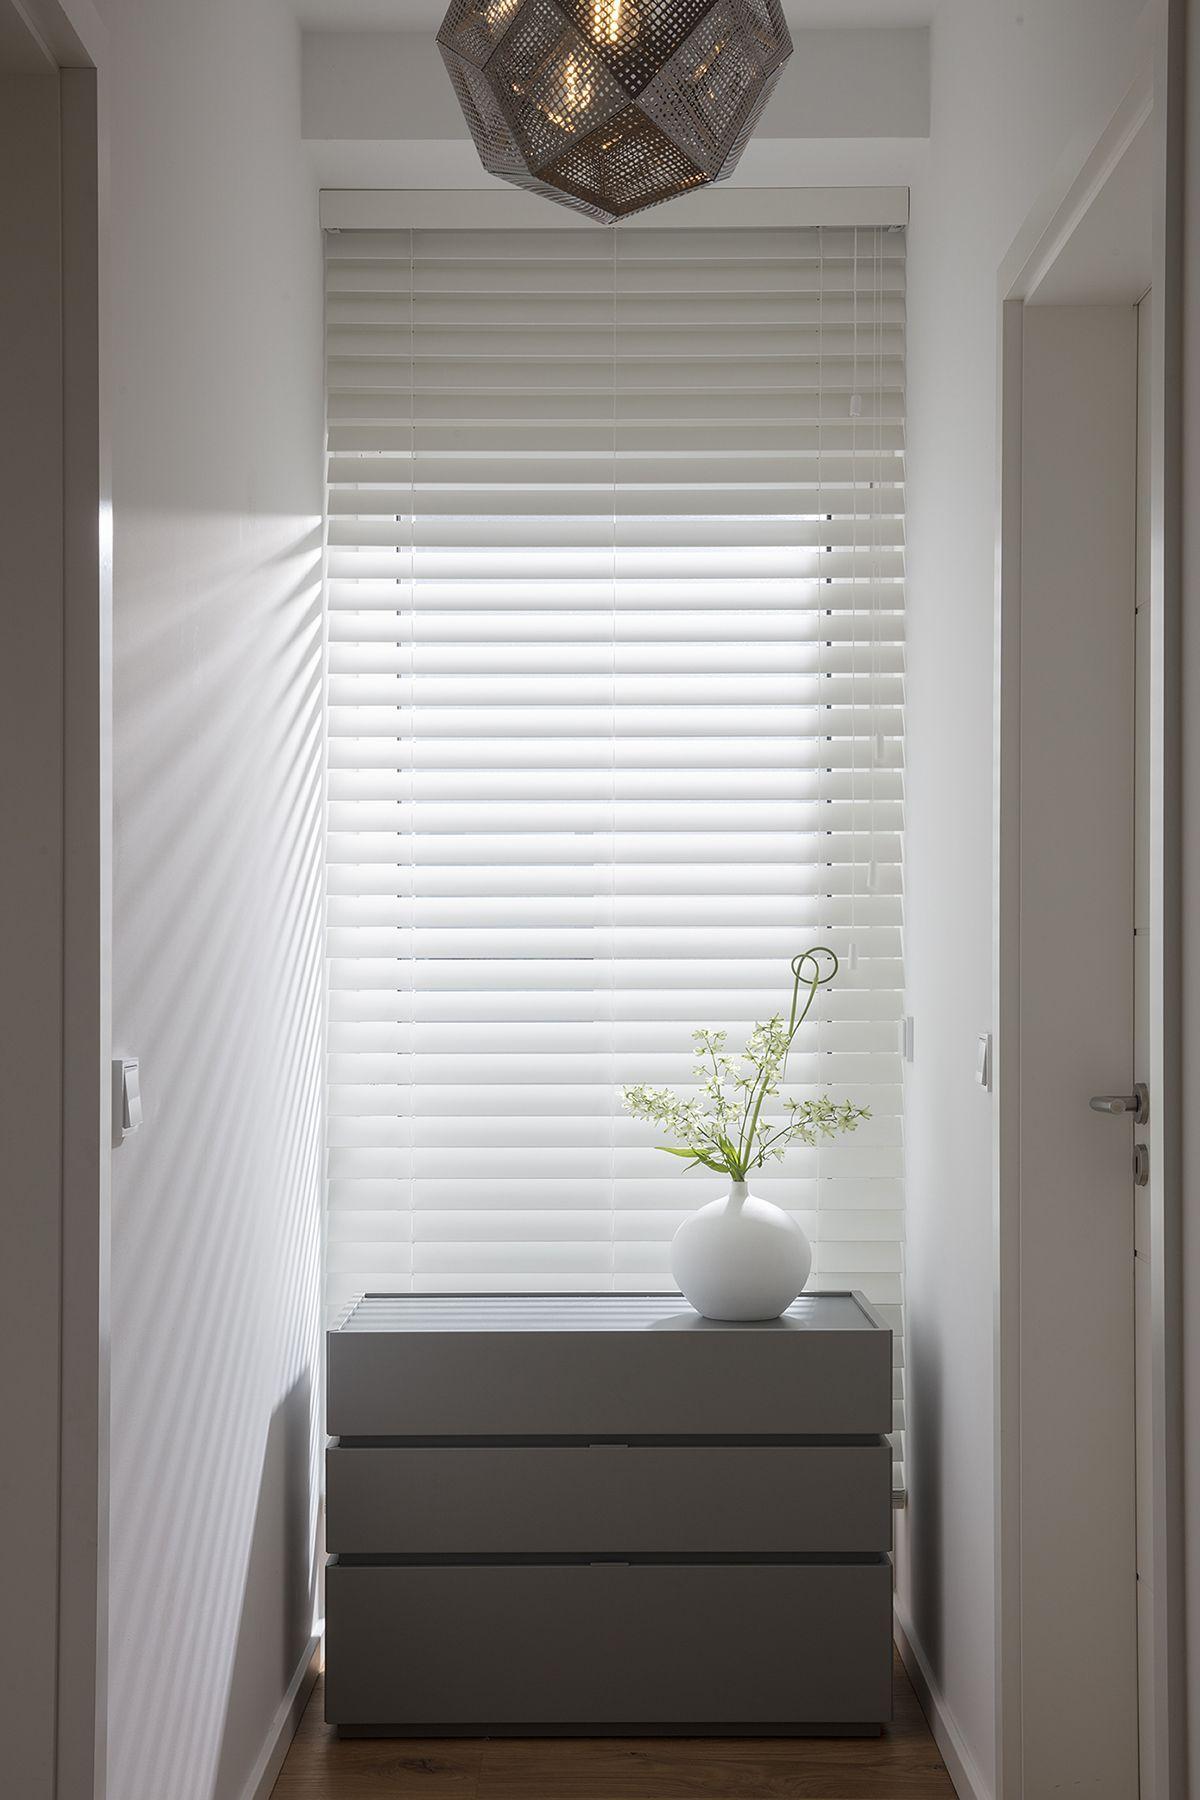 Wondrous unique ideas bathroom blinds hunter douglas kitchen blinds